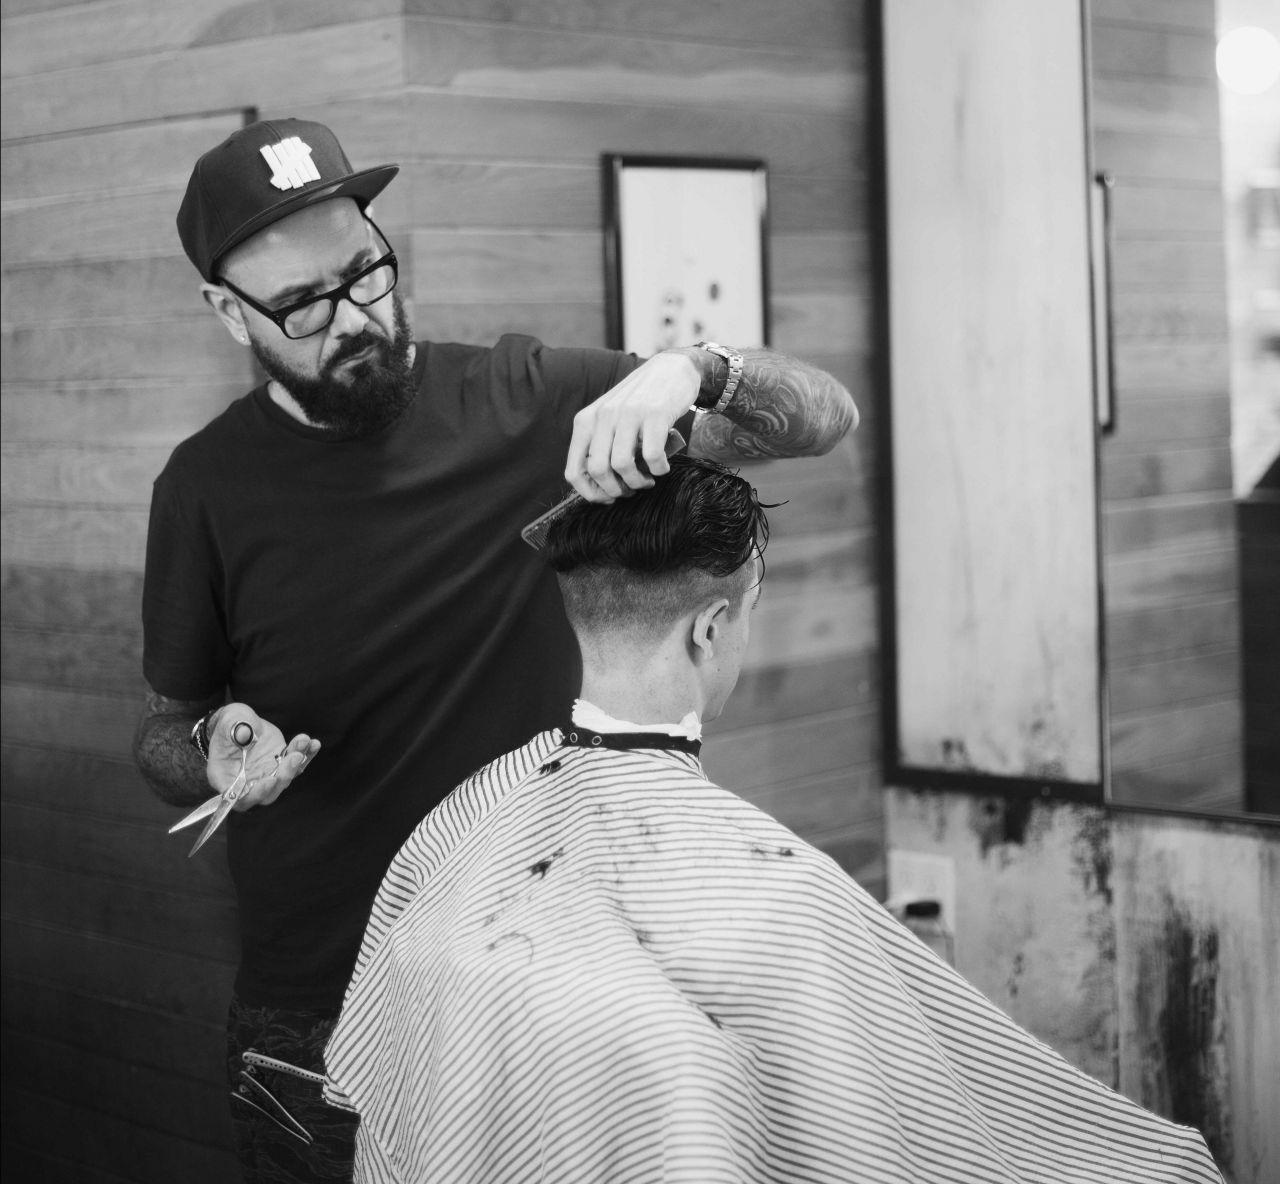 Blind Barber Profile - Jeremy Pelser